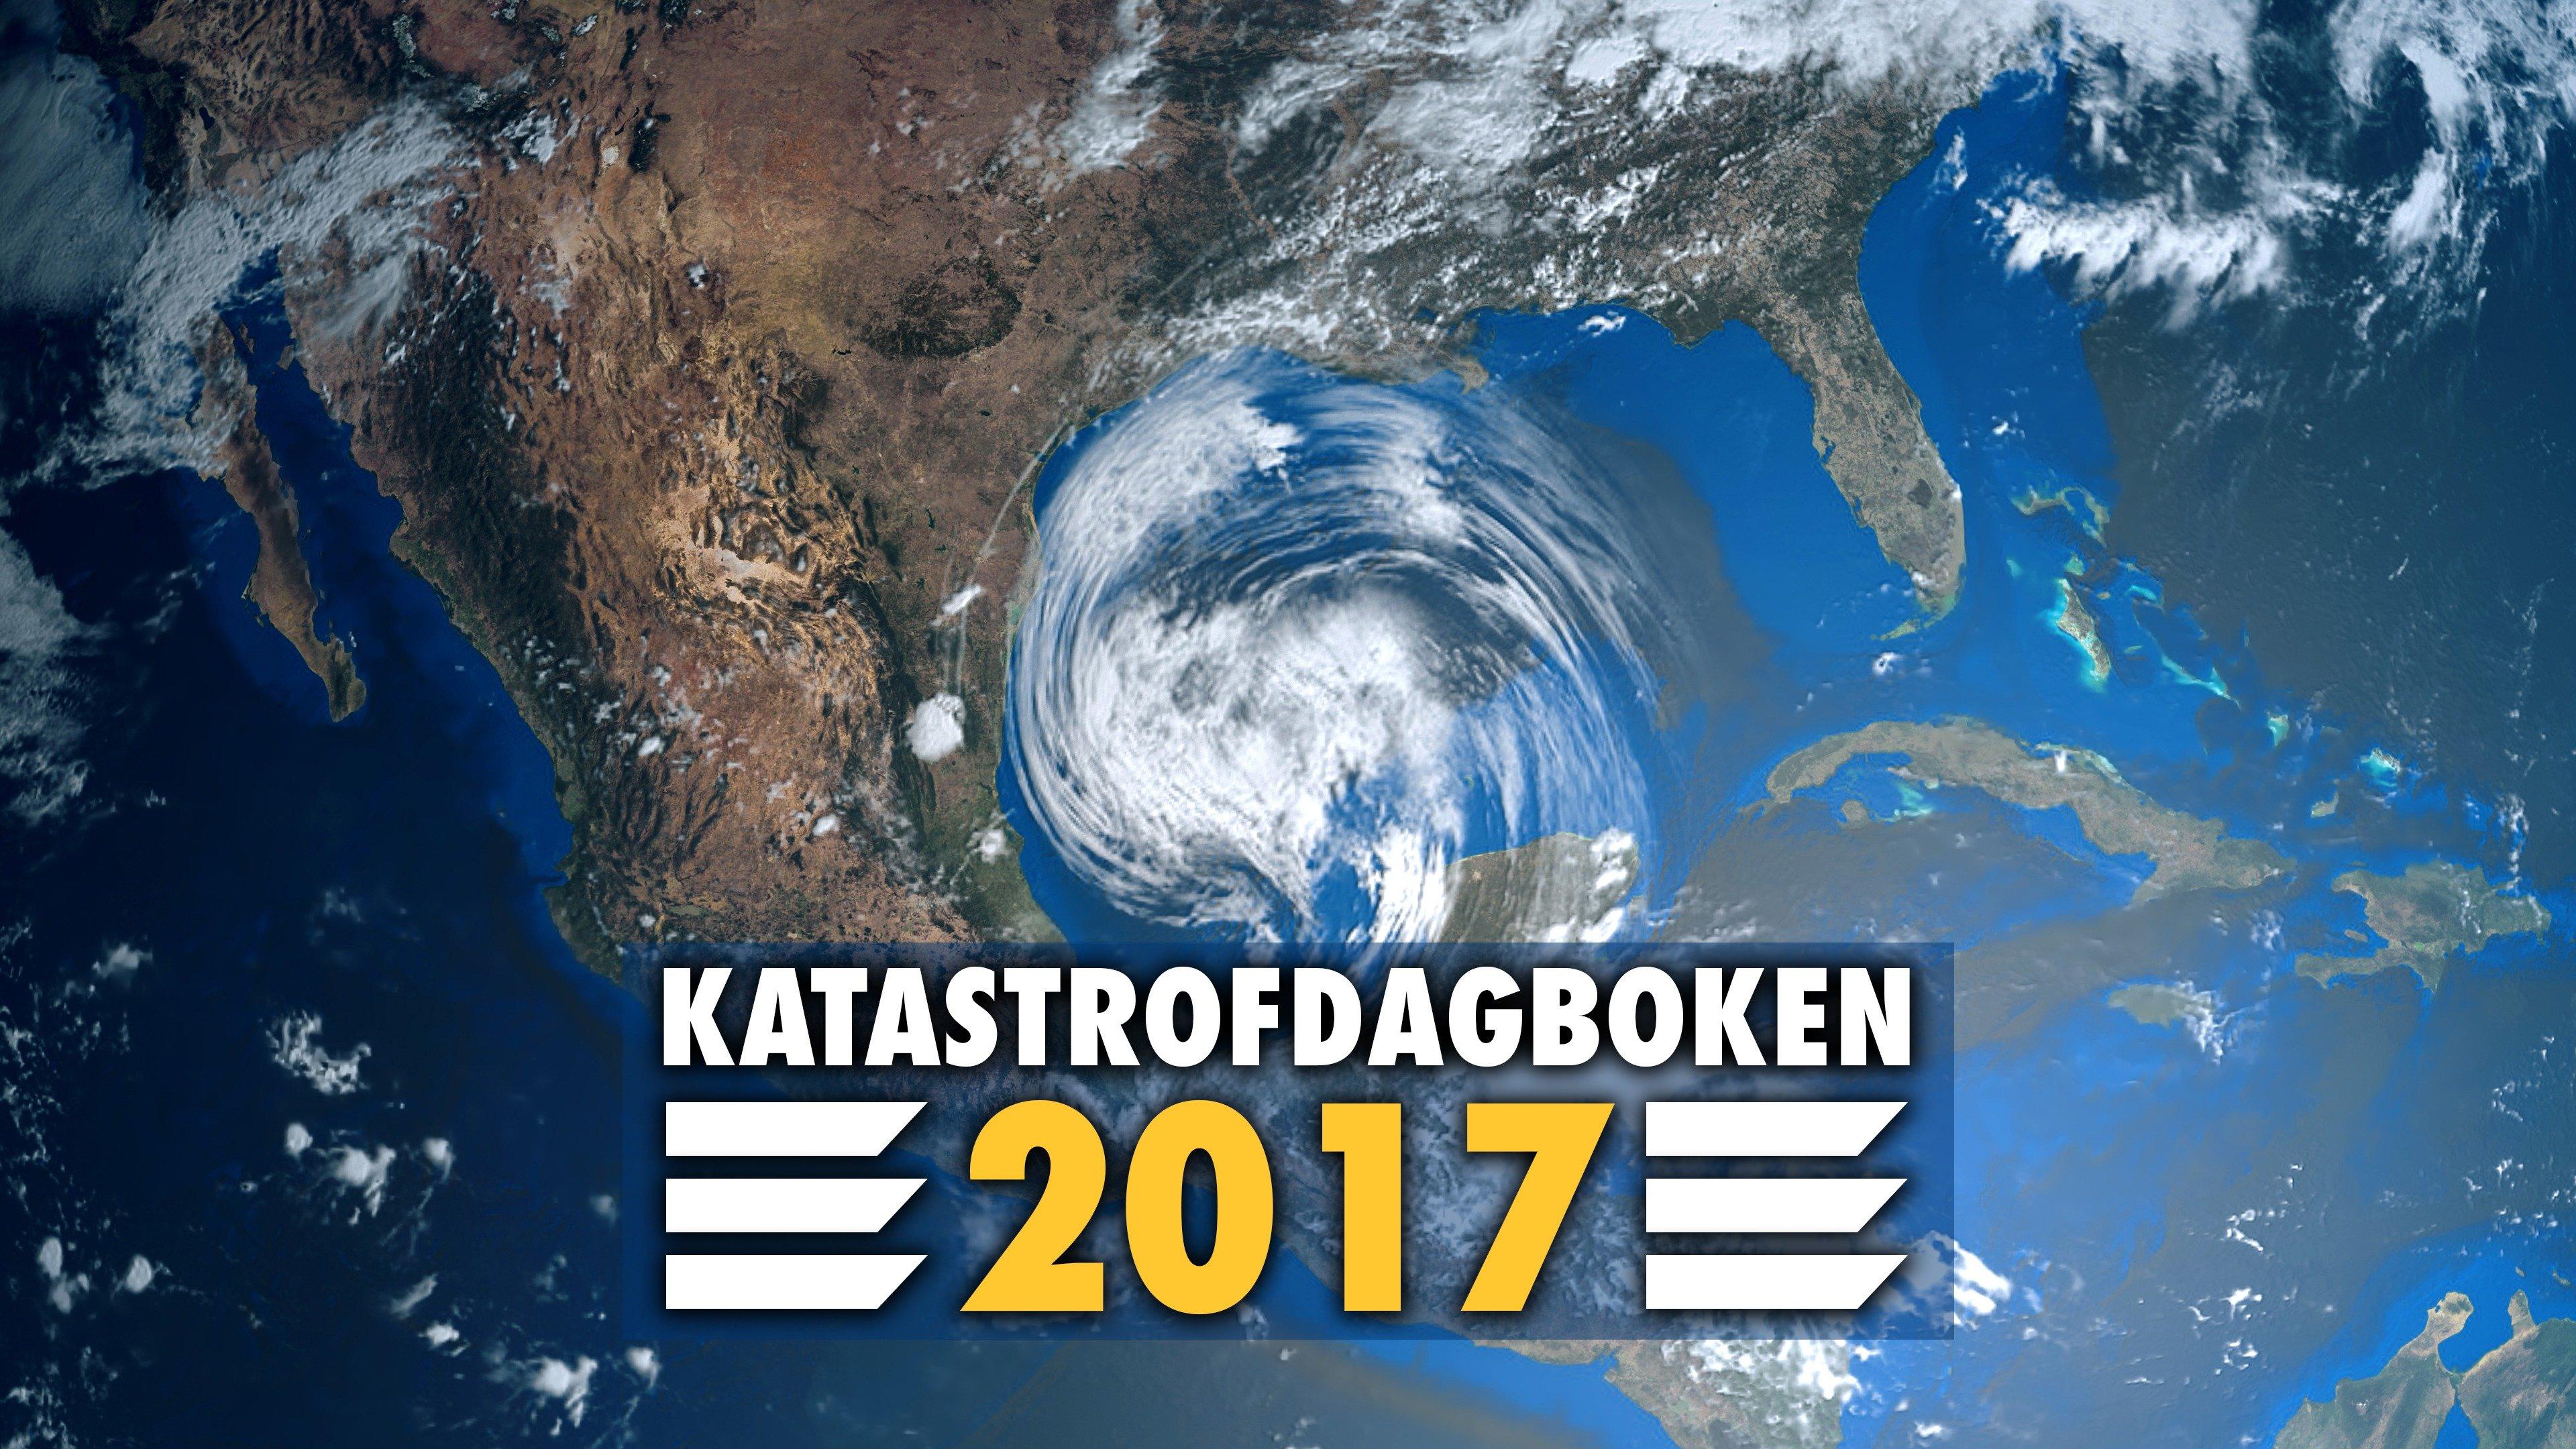 Katastrofdagboken 2017